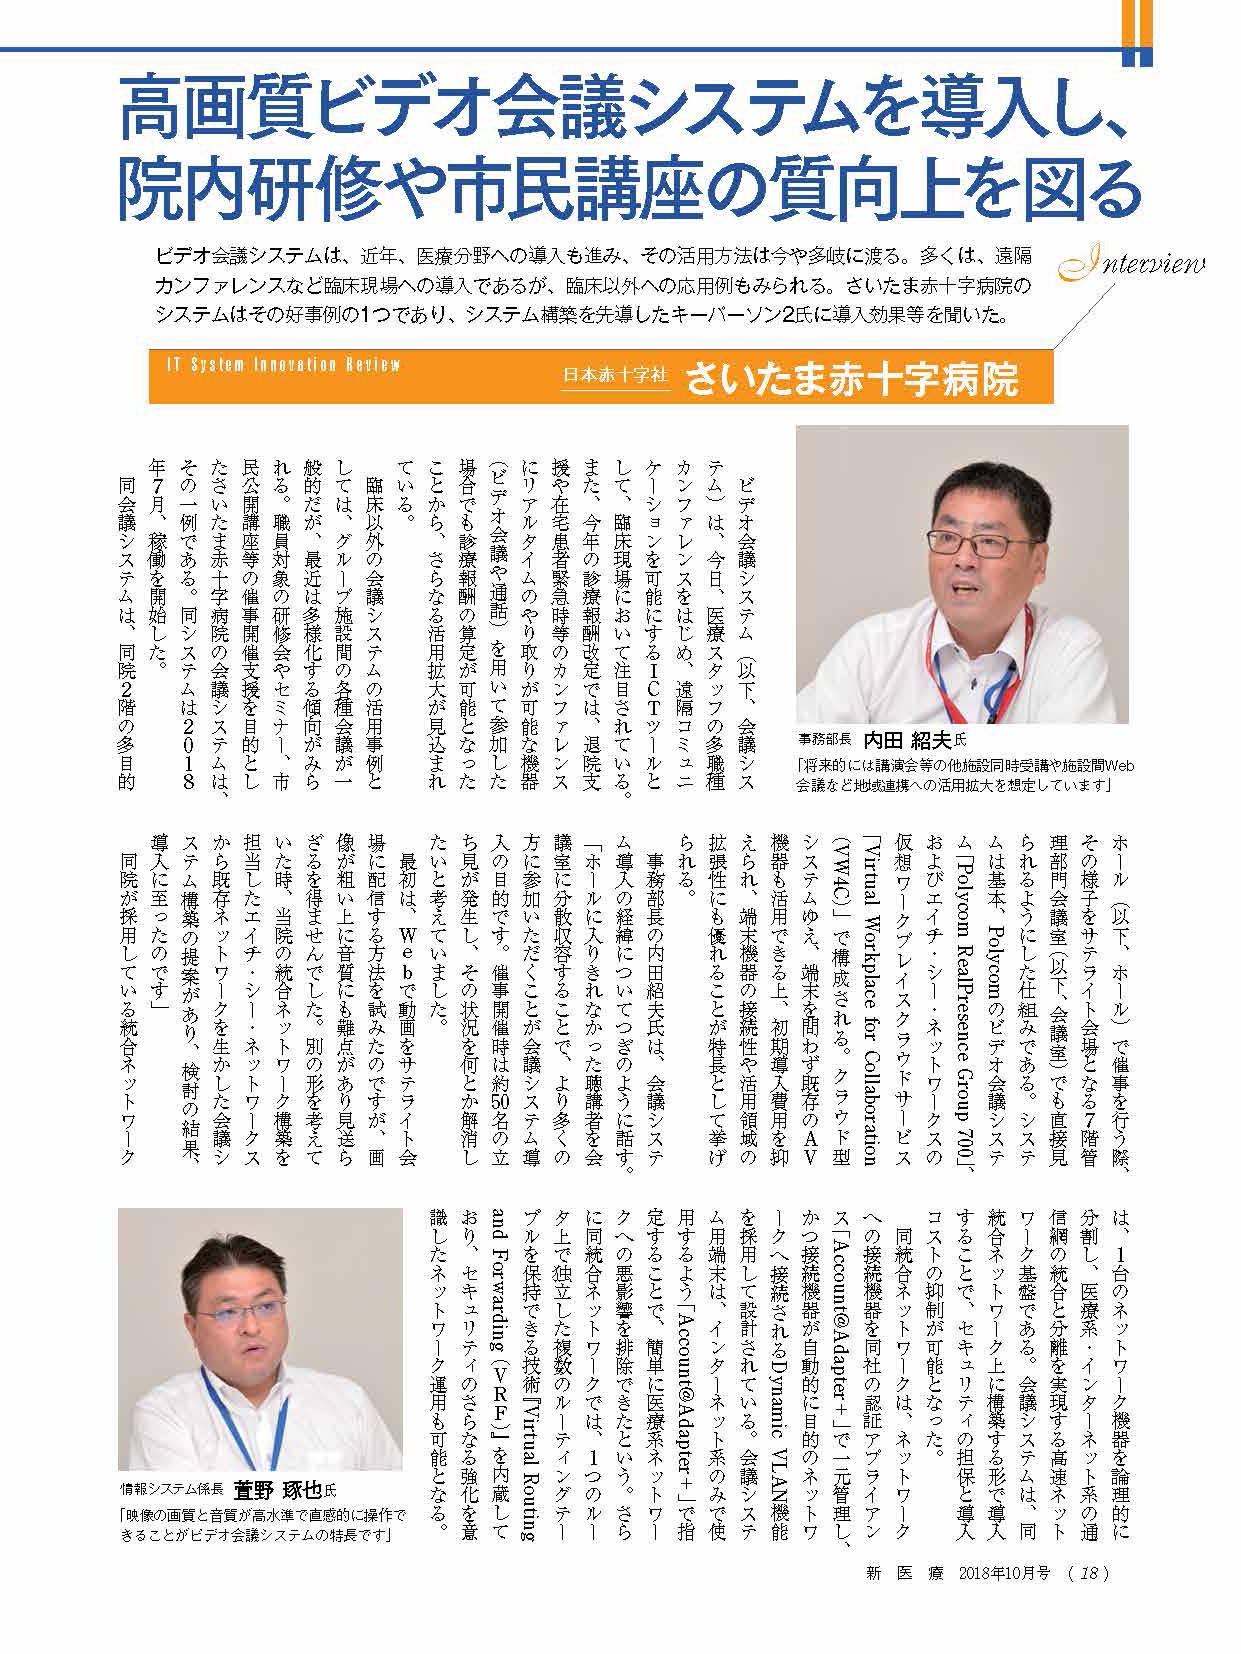 日本赤十字社 さいたま赤十字病院